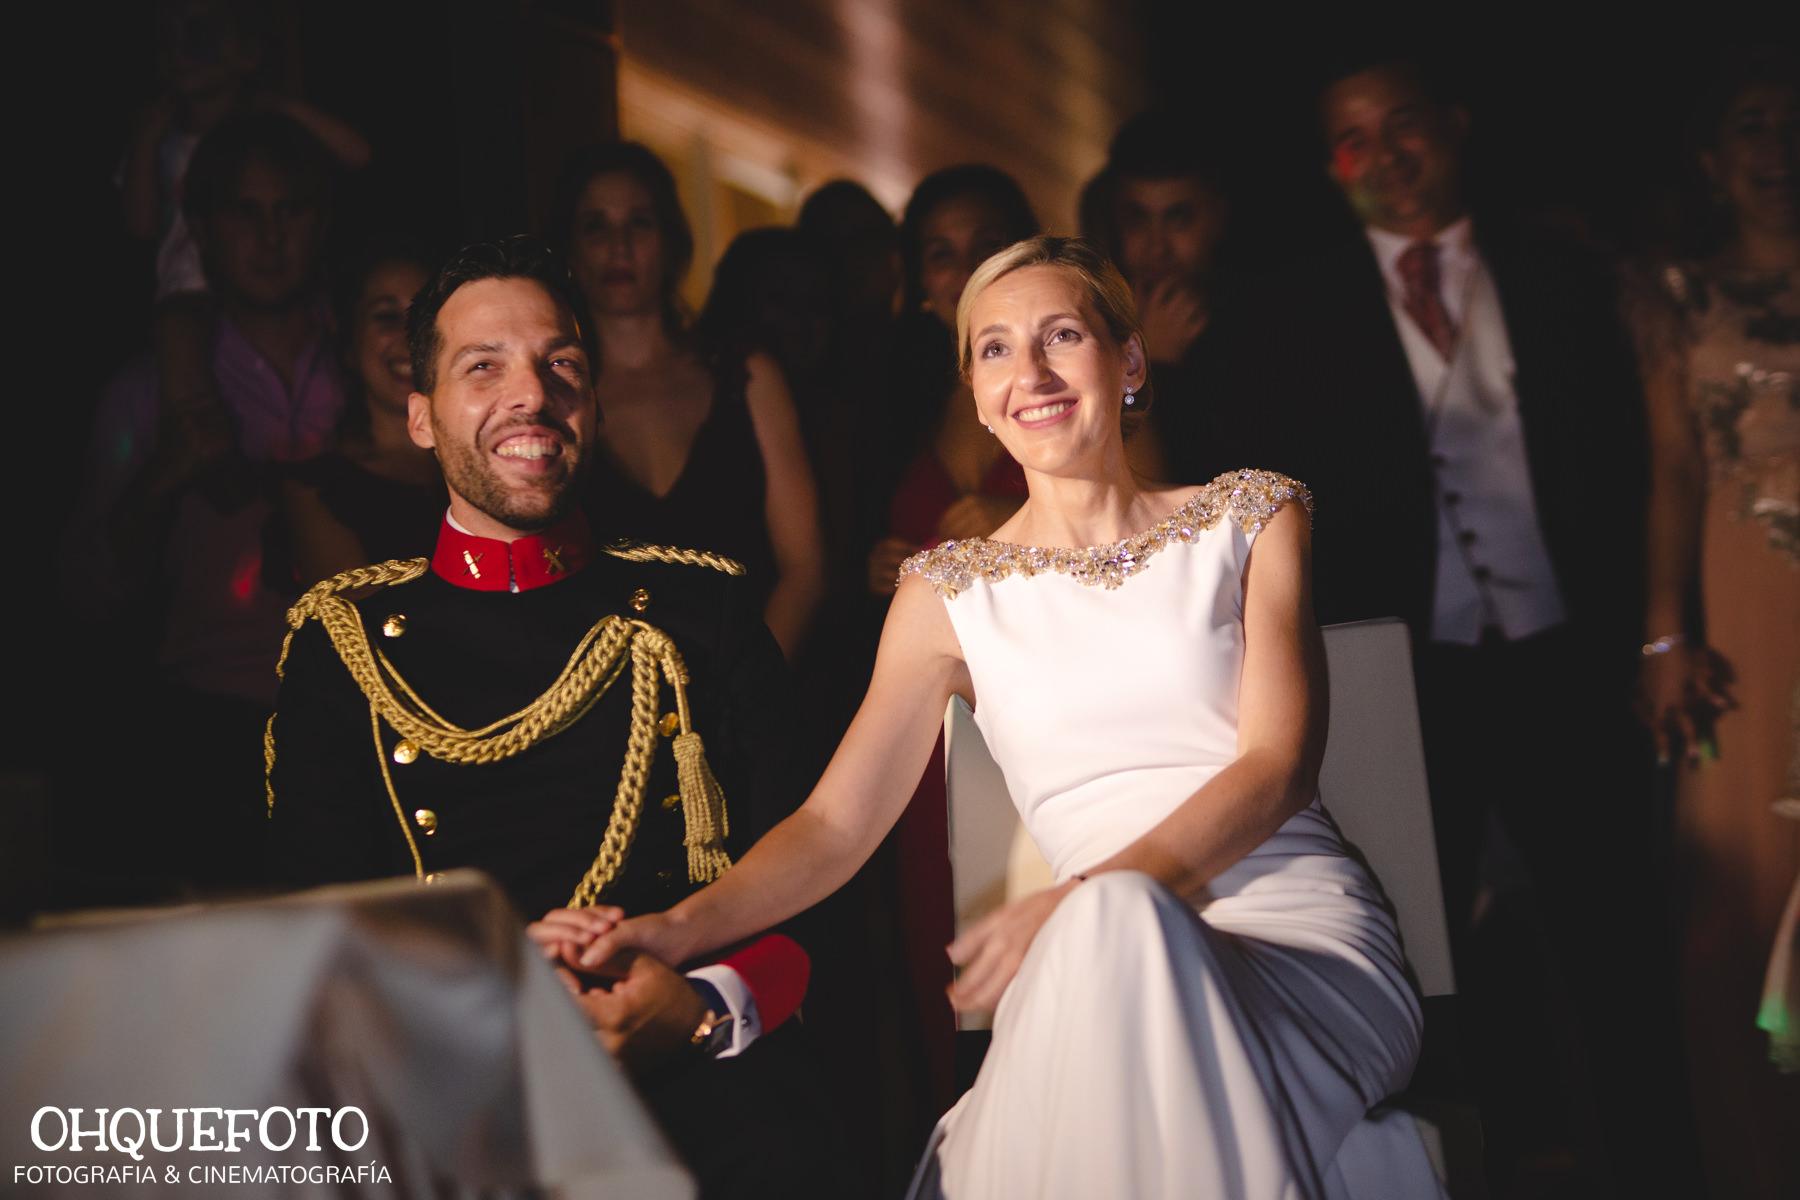 boda en finca la peraleda chillon - reportaje de boda en capilla-boda en finca la peraleda- boda en almaden- boda en chillon - reportaje de boda en ordoba